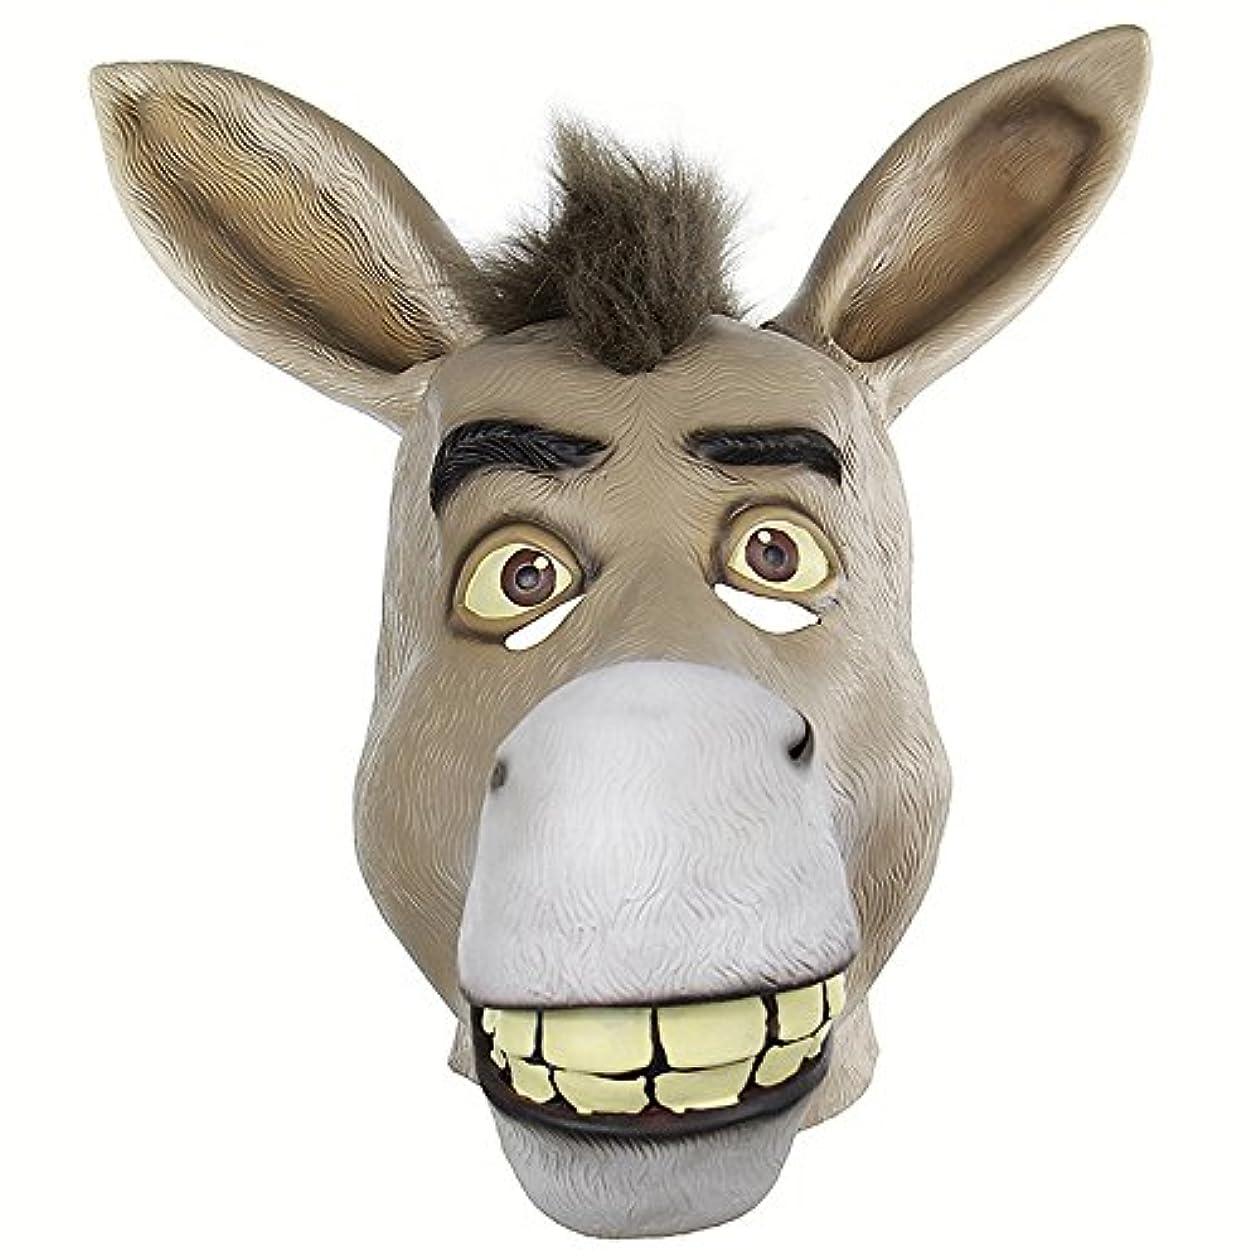 戦士でるありふれたおかしい動物の頭蓋骨セットShrekかわいそうな口驴ライブおかしいおかしいラテックスマスク